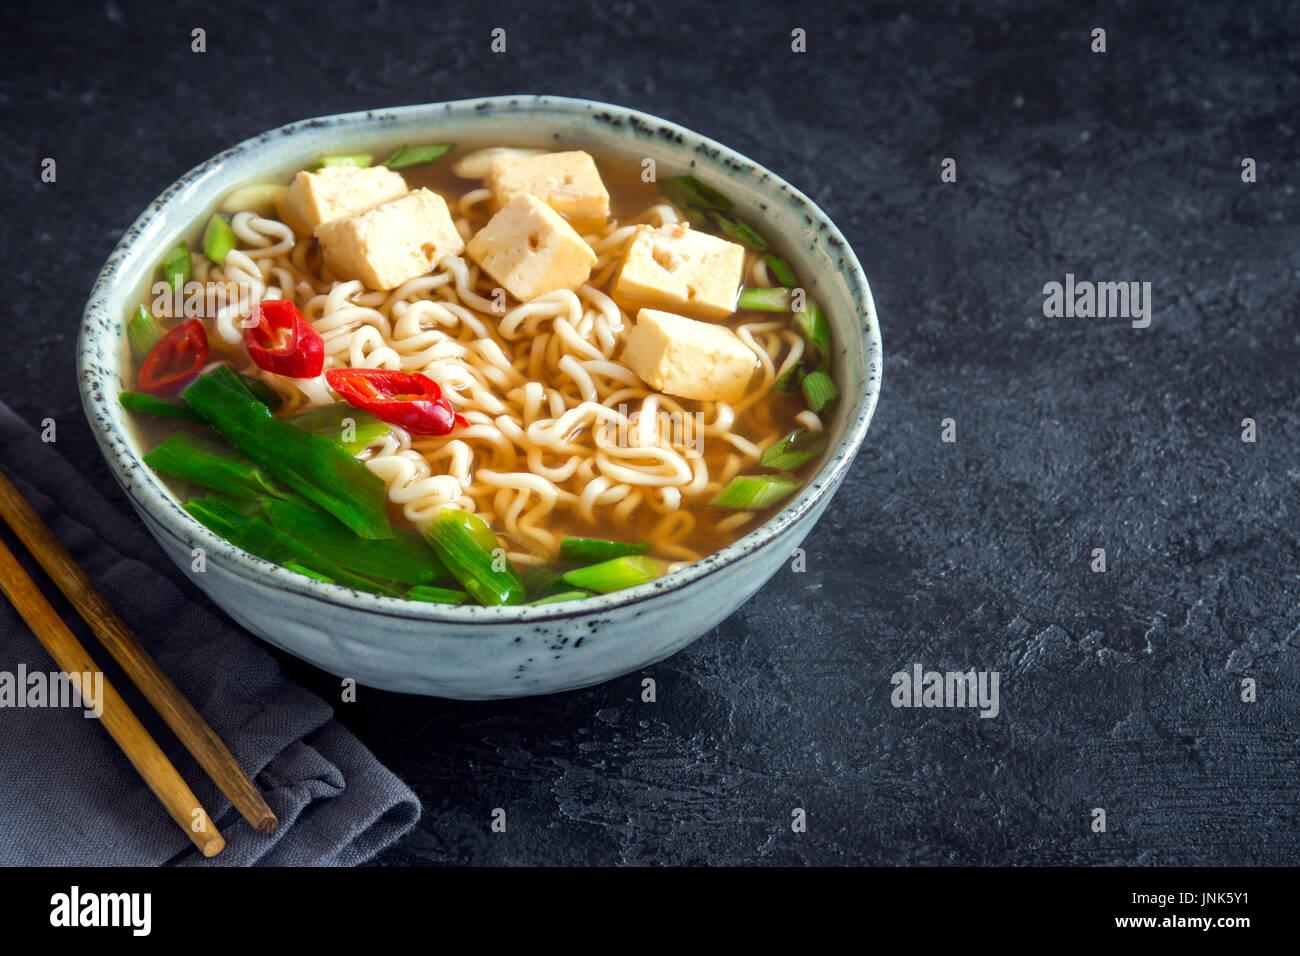 Soupe ramen japonais avec le tofu sur pierre sombre arrière-plan. La soupe miso avec des nouilles ramen et le tofu dans un bol en céramique, asiatique traditionnelle. Photo Stock